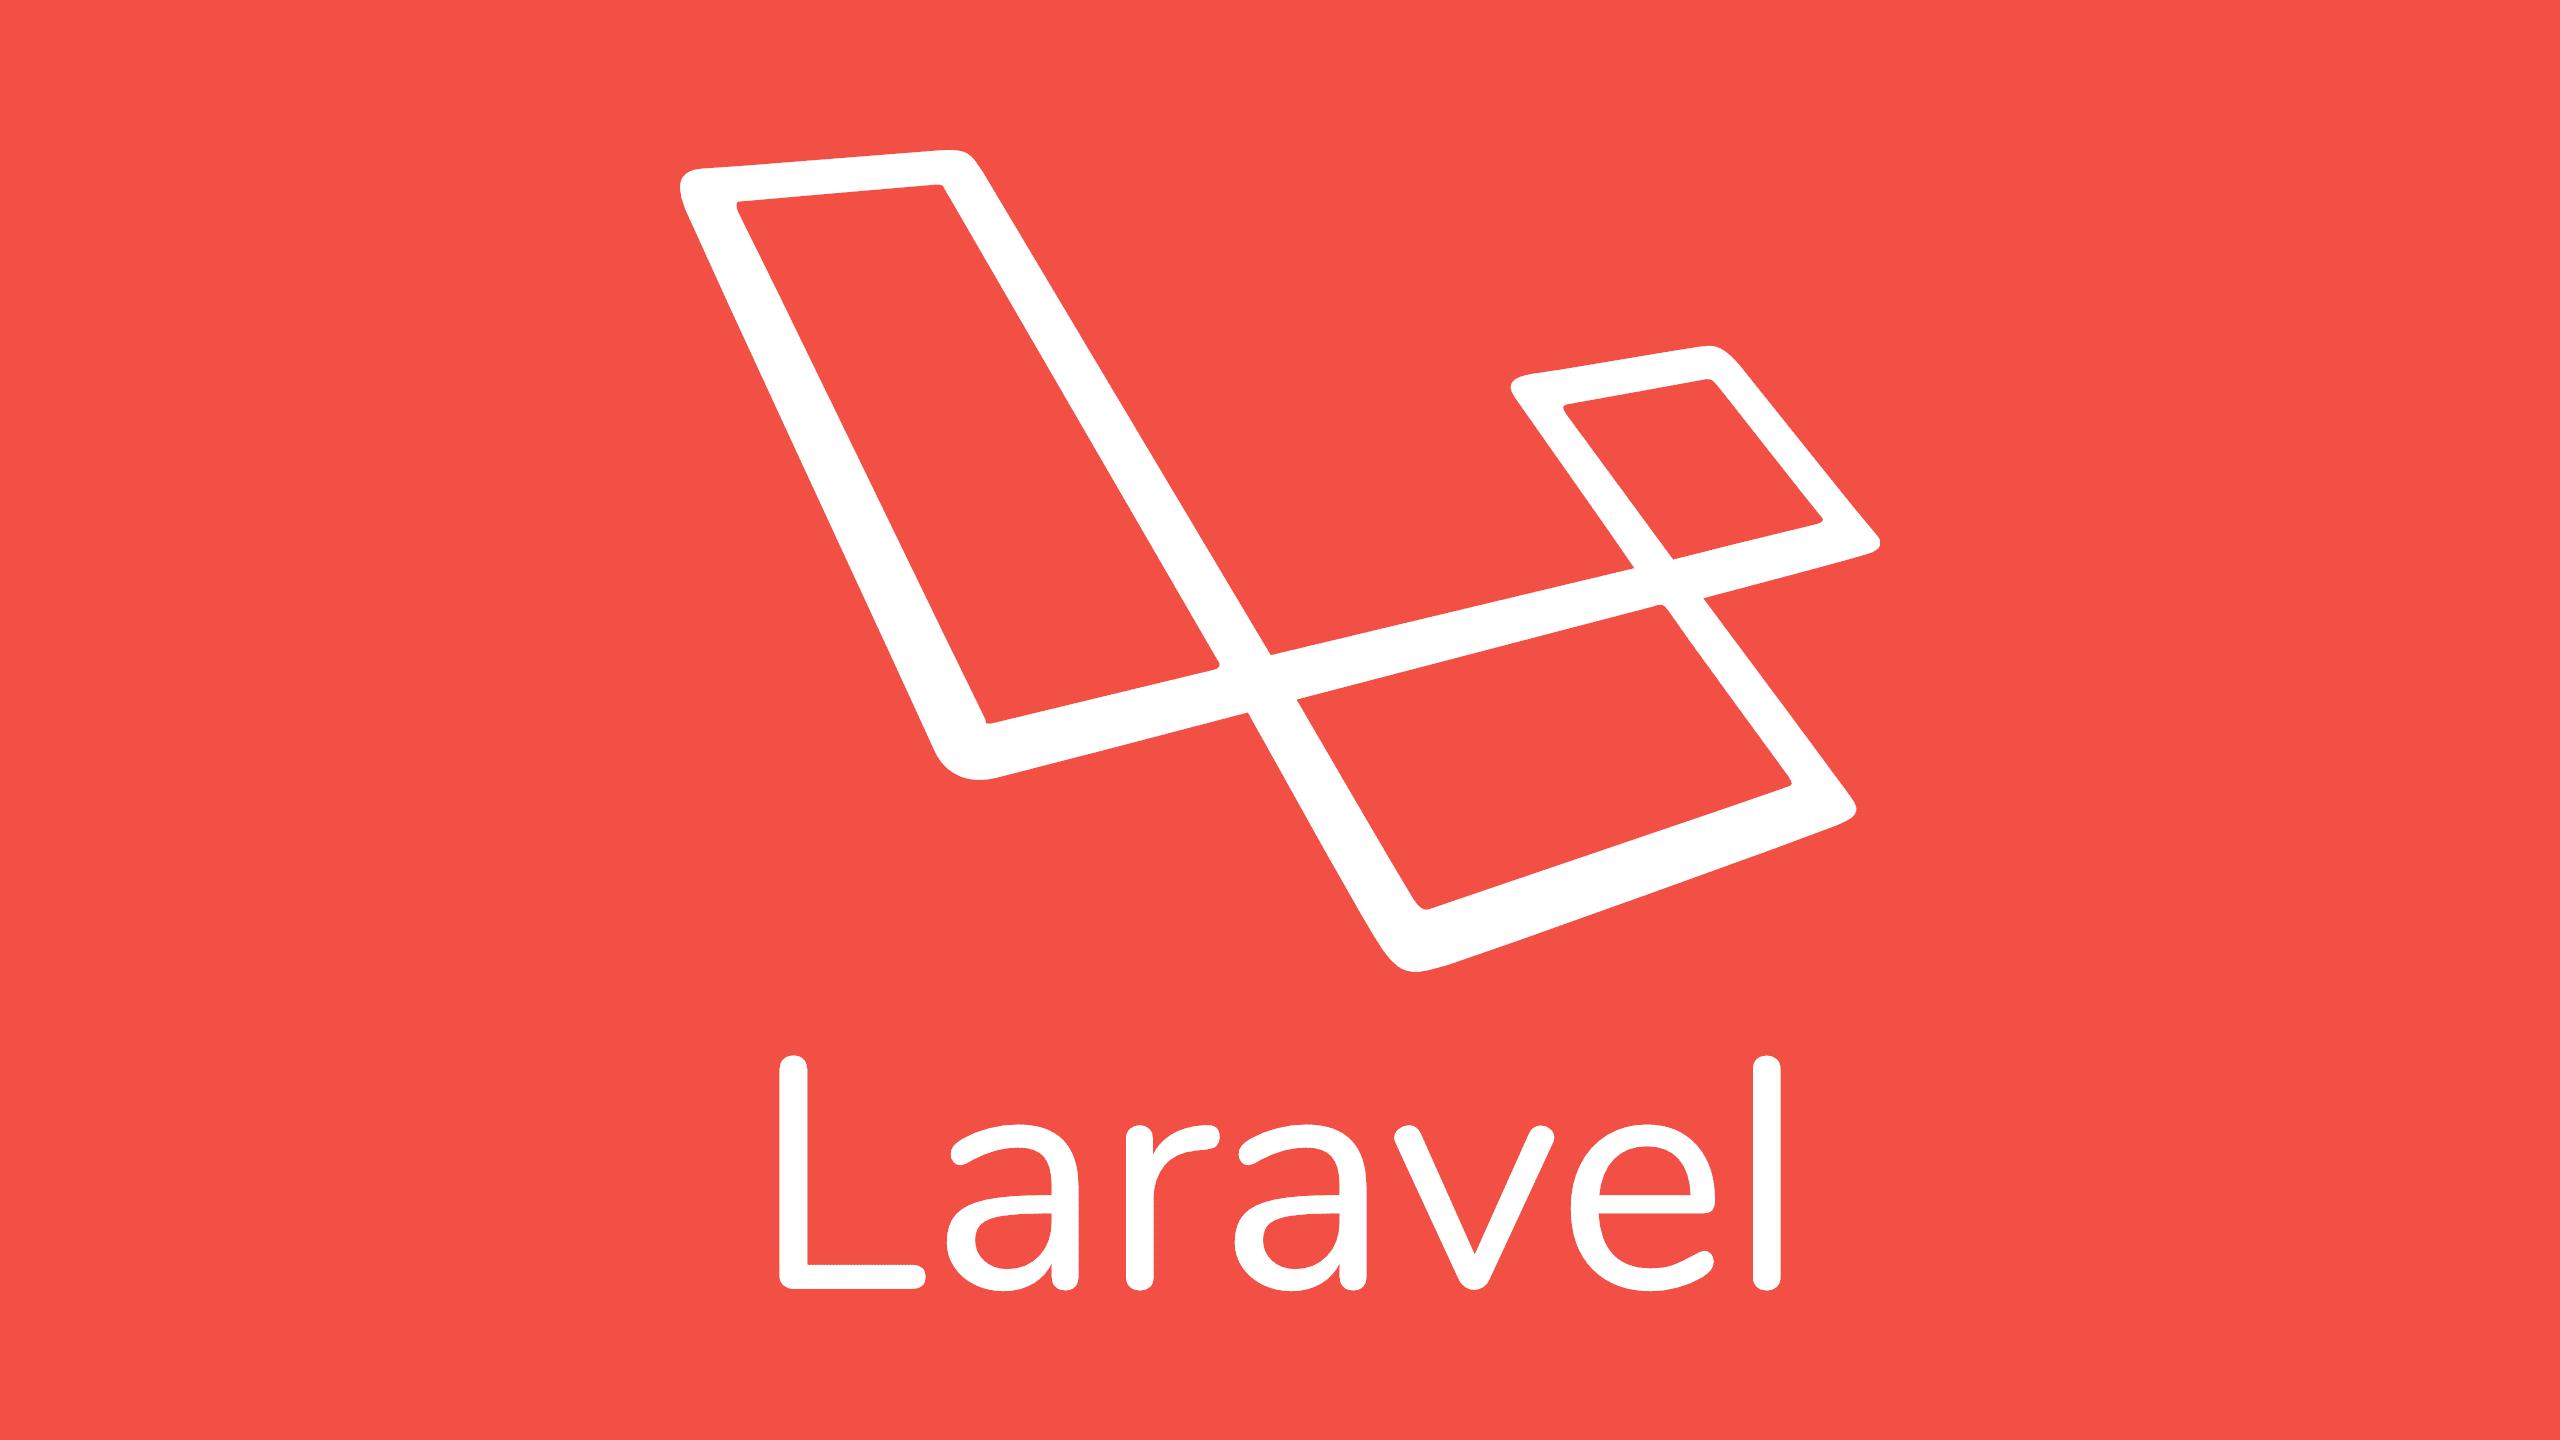 AWSでロードバランサーを使って、https化している場合にLaravelでもhttps化する方法